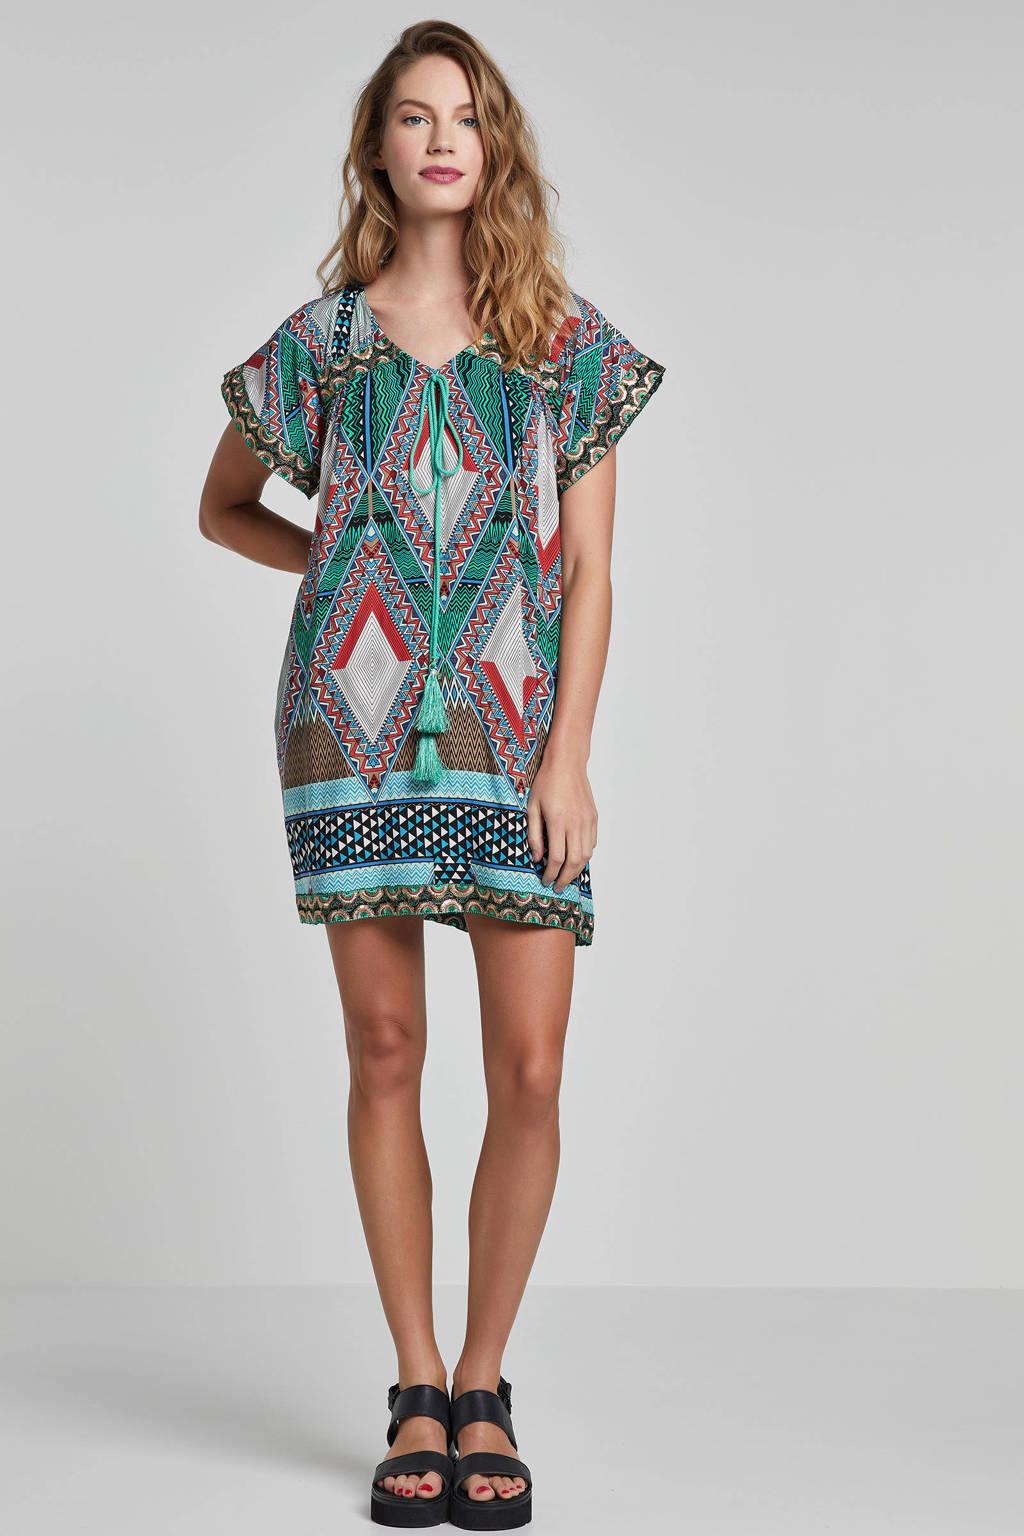 MARIA TAILOR jurk met all over print, Groen/bruin/rood/wit